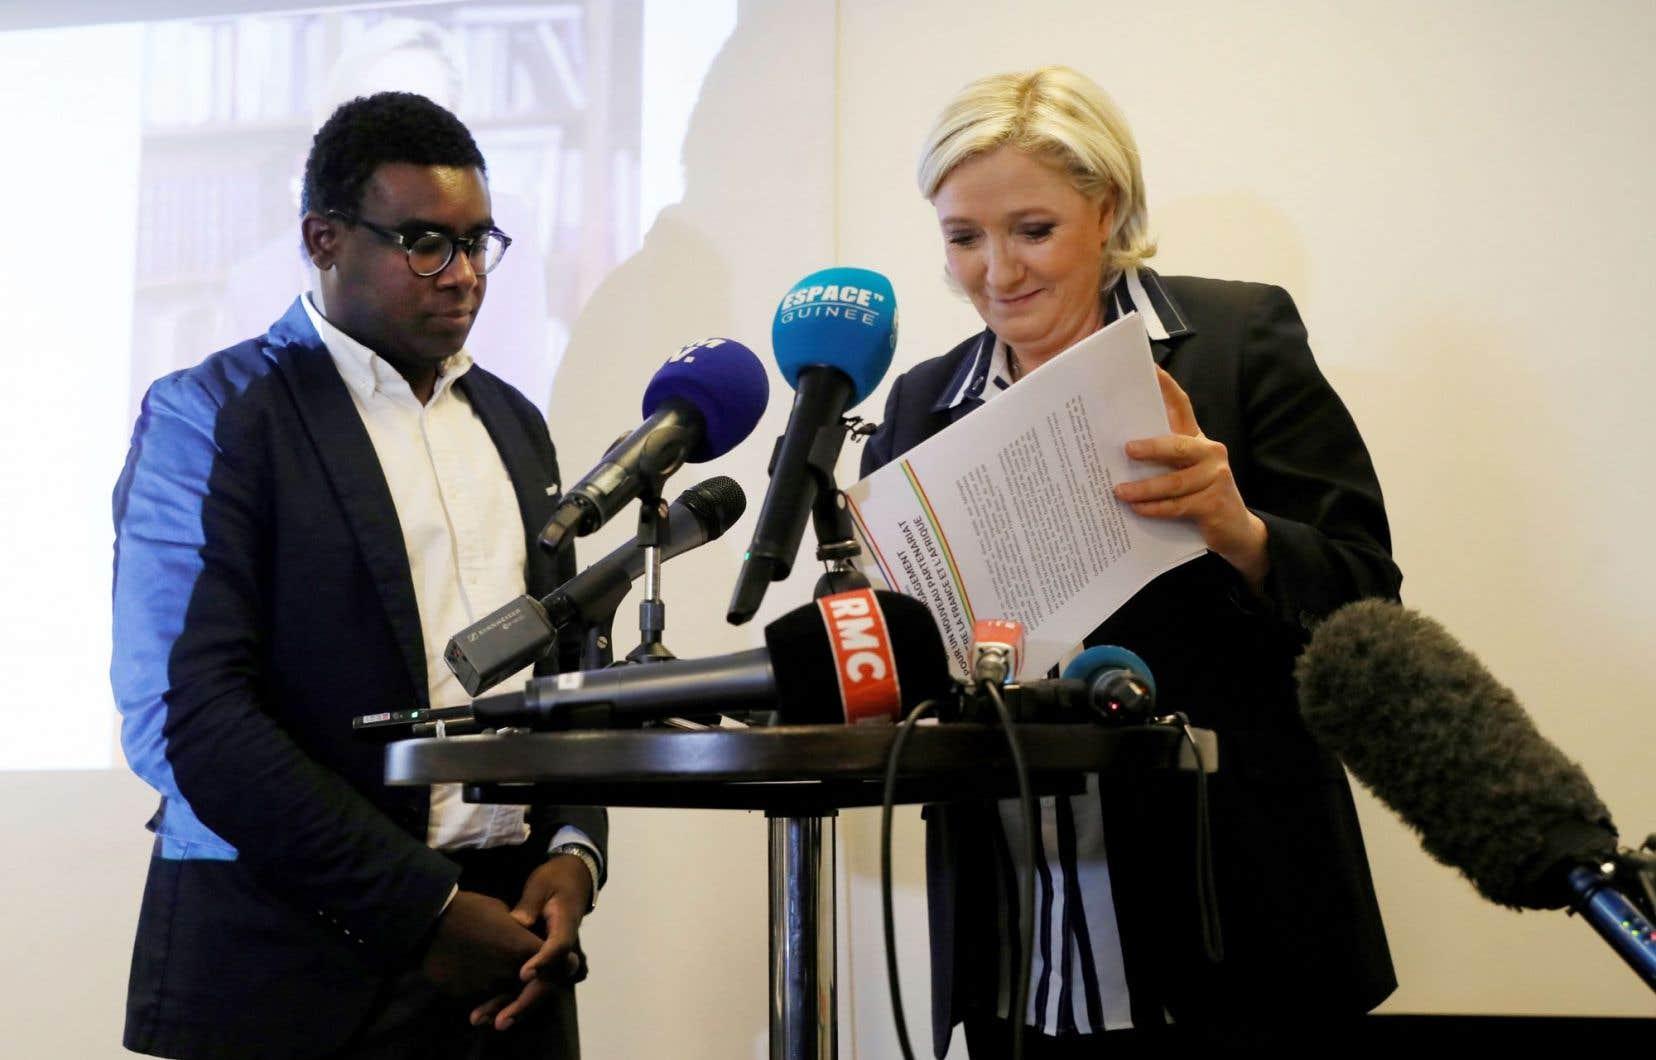 Marine Le Pen a promis mardi qu'elle consacrerait 0,7% du PIB à la «coopération avec l'Afrique», lors d'une rencontre à Paris organisée par Andrea Ngombet, exclu en 2013 du parti de droite UMP.